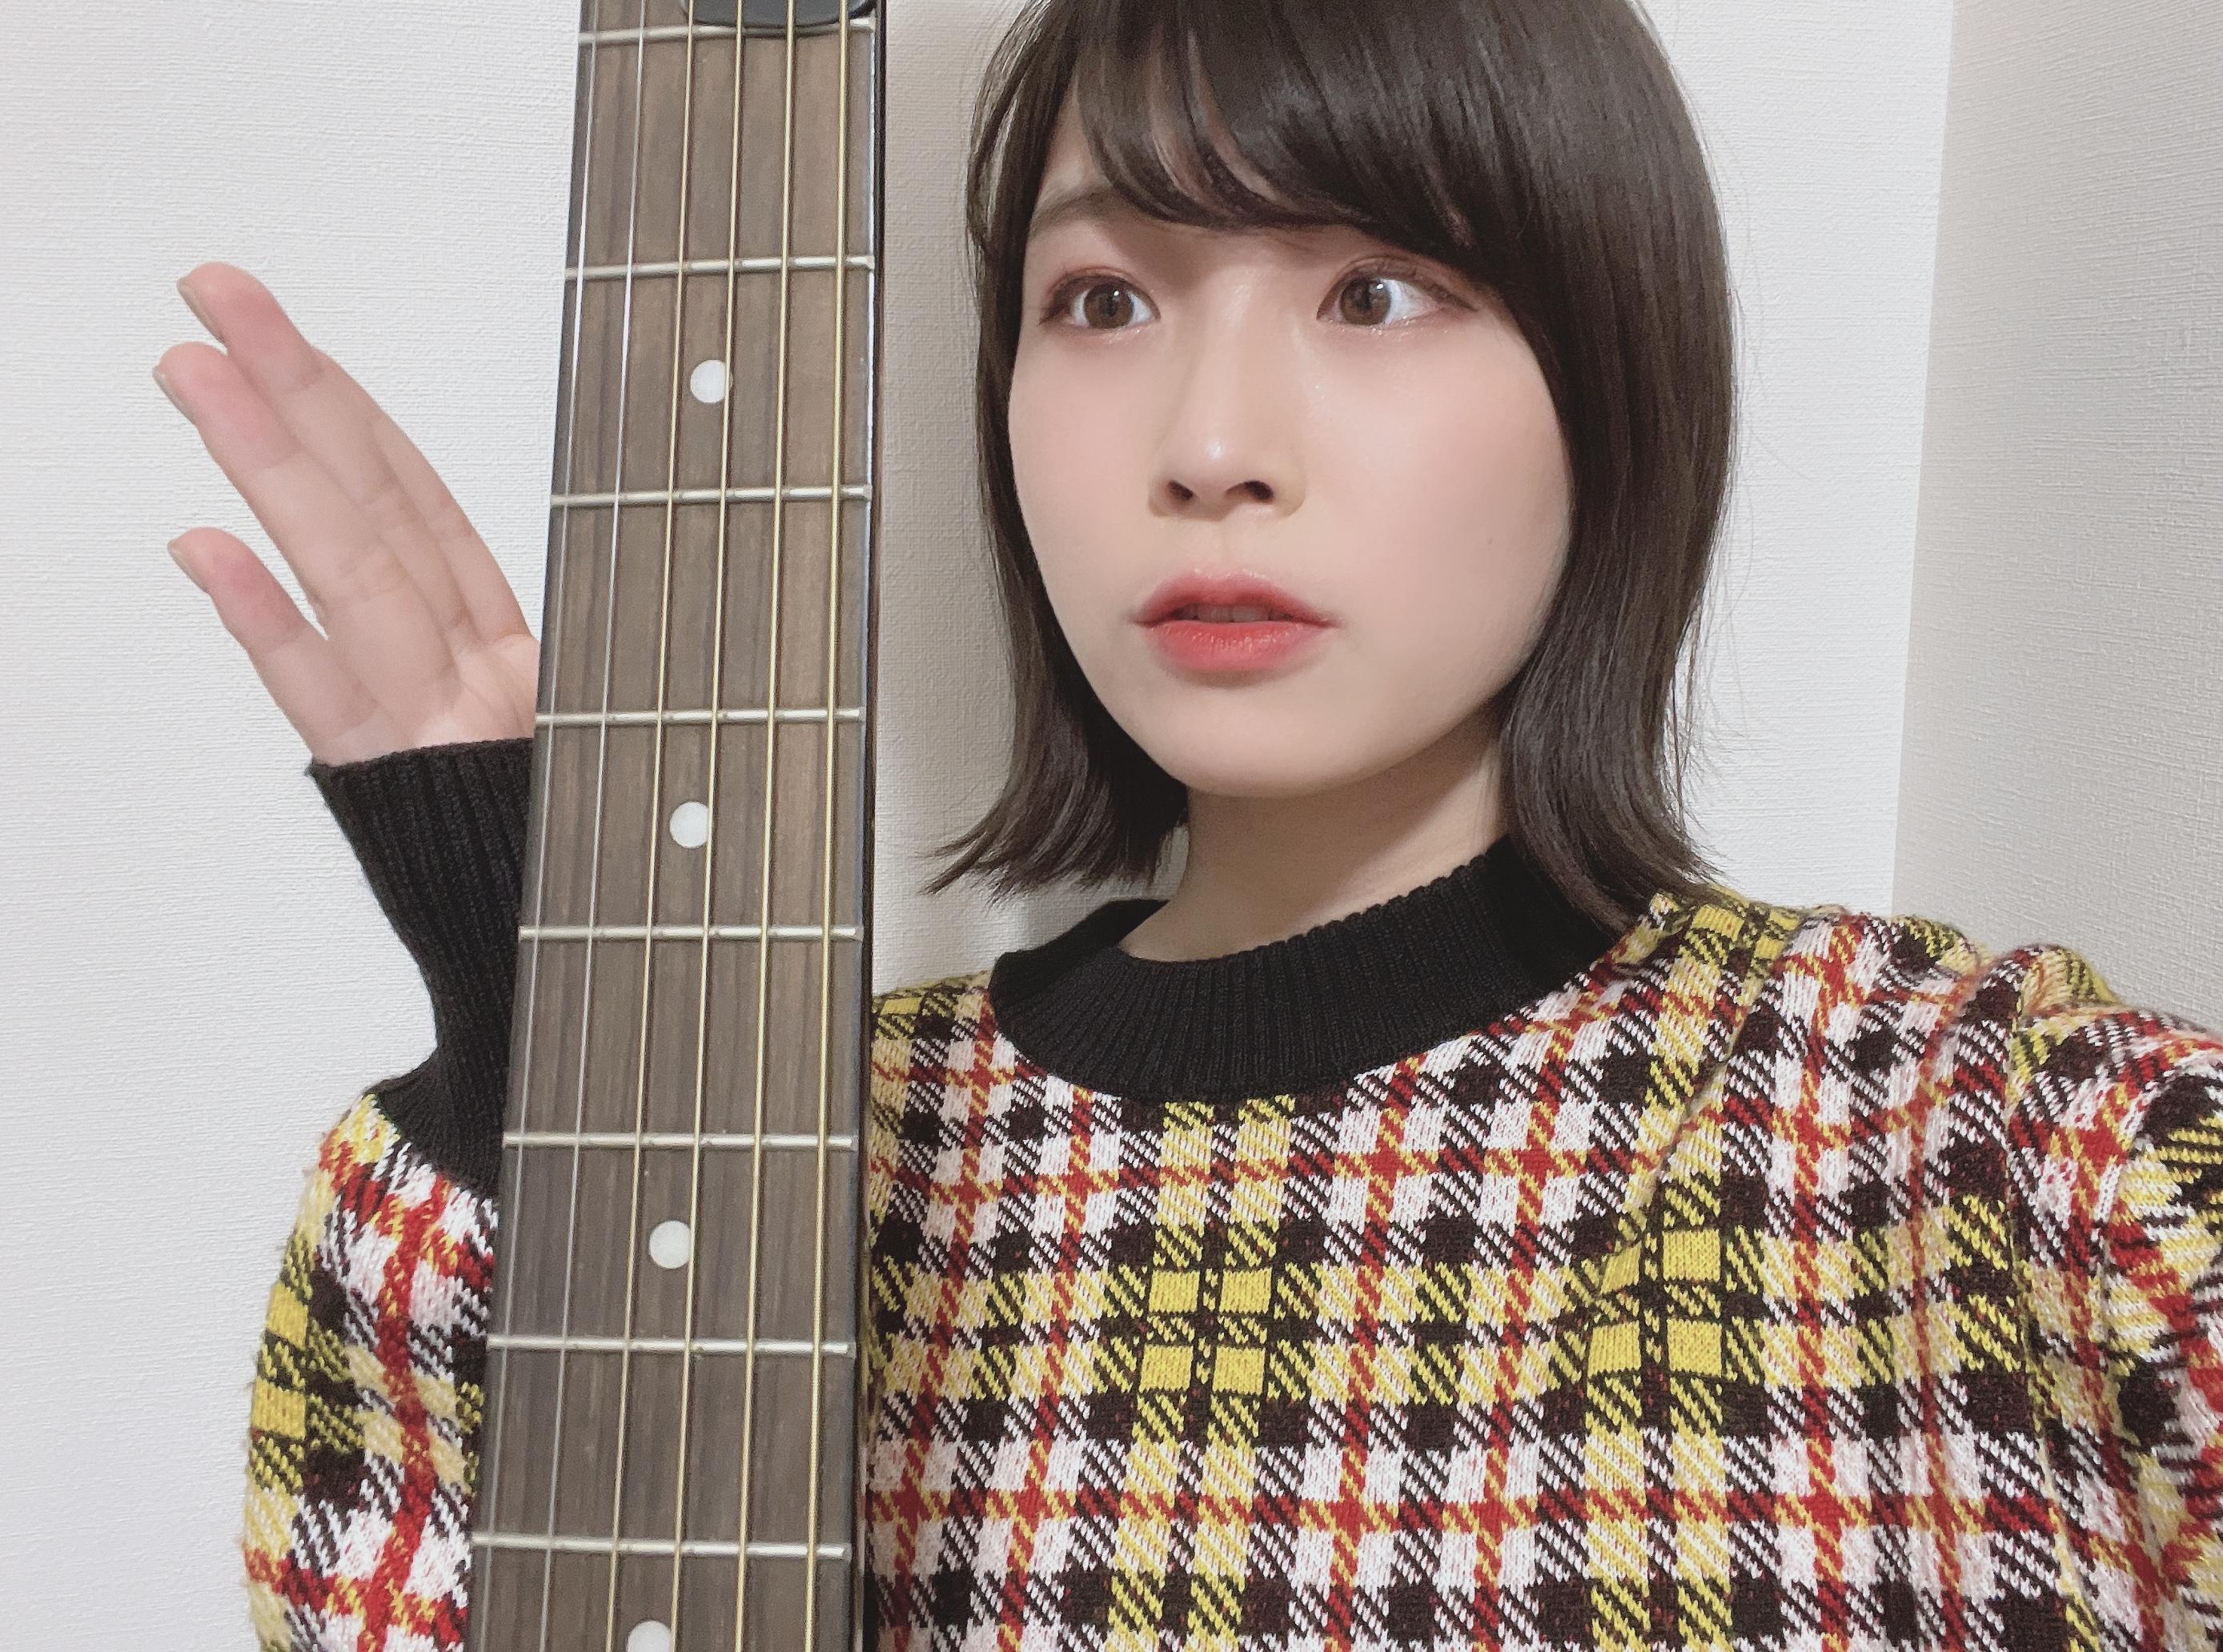 『デカダンス』の感想&見どころ、レビュー募集(ネタバレあり)-1